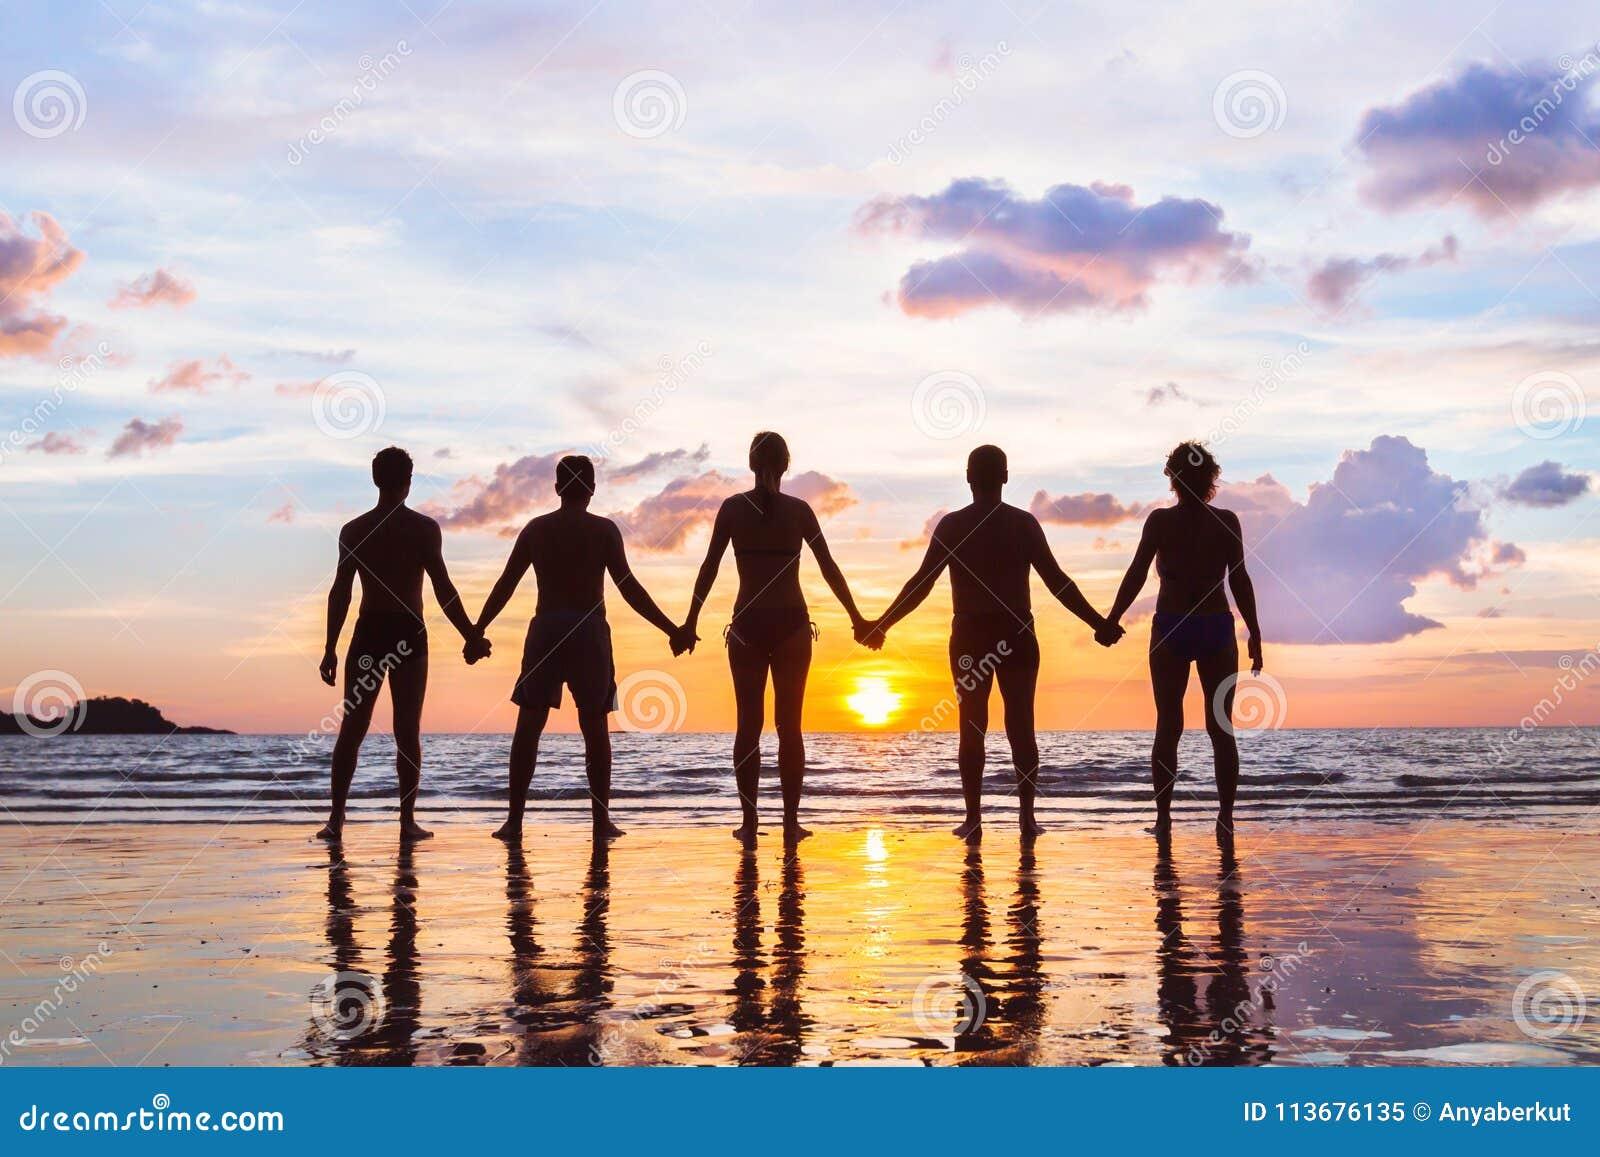 Concetto del gruppo o della Comunità, siluette della gente che sta insieme e che si tiene per mano, gruppo